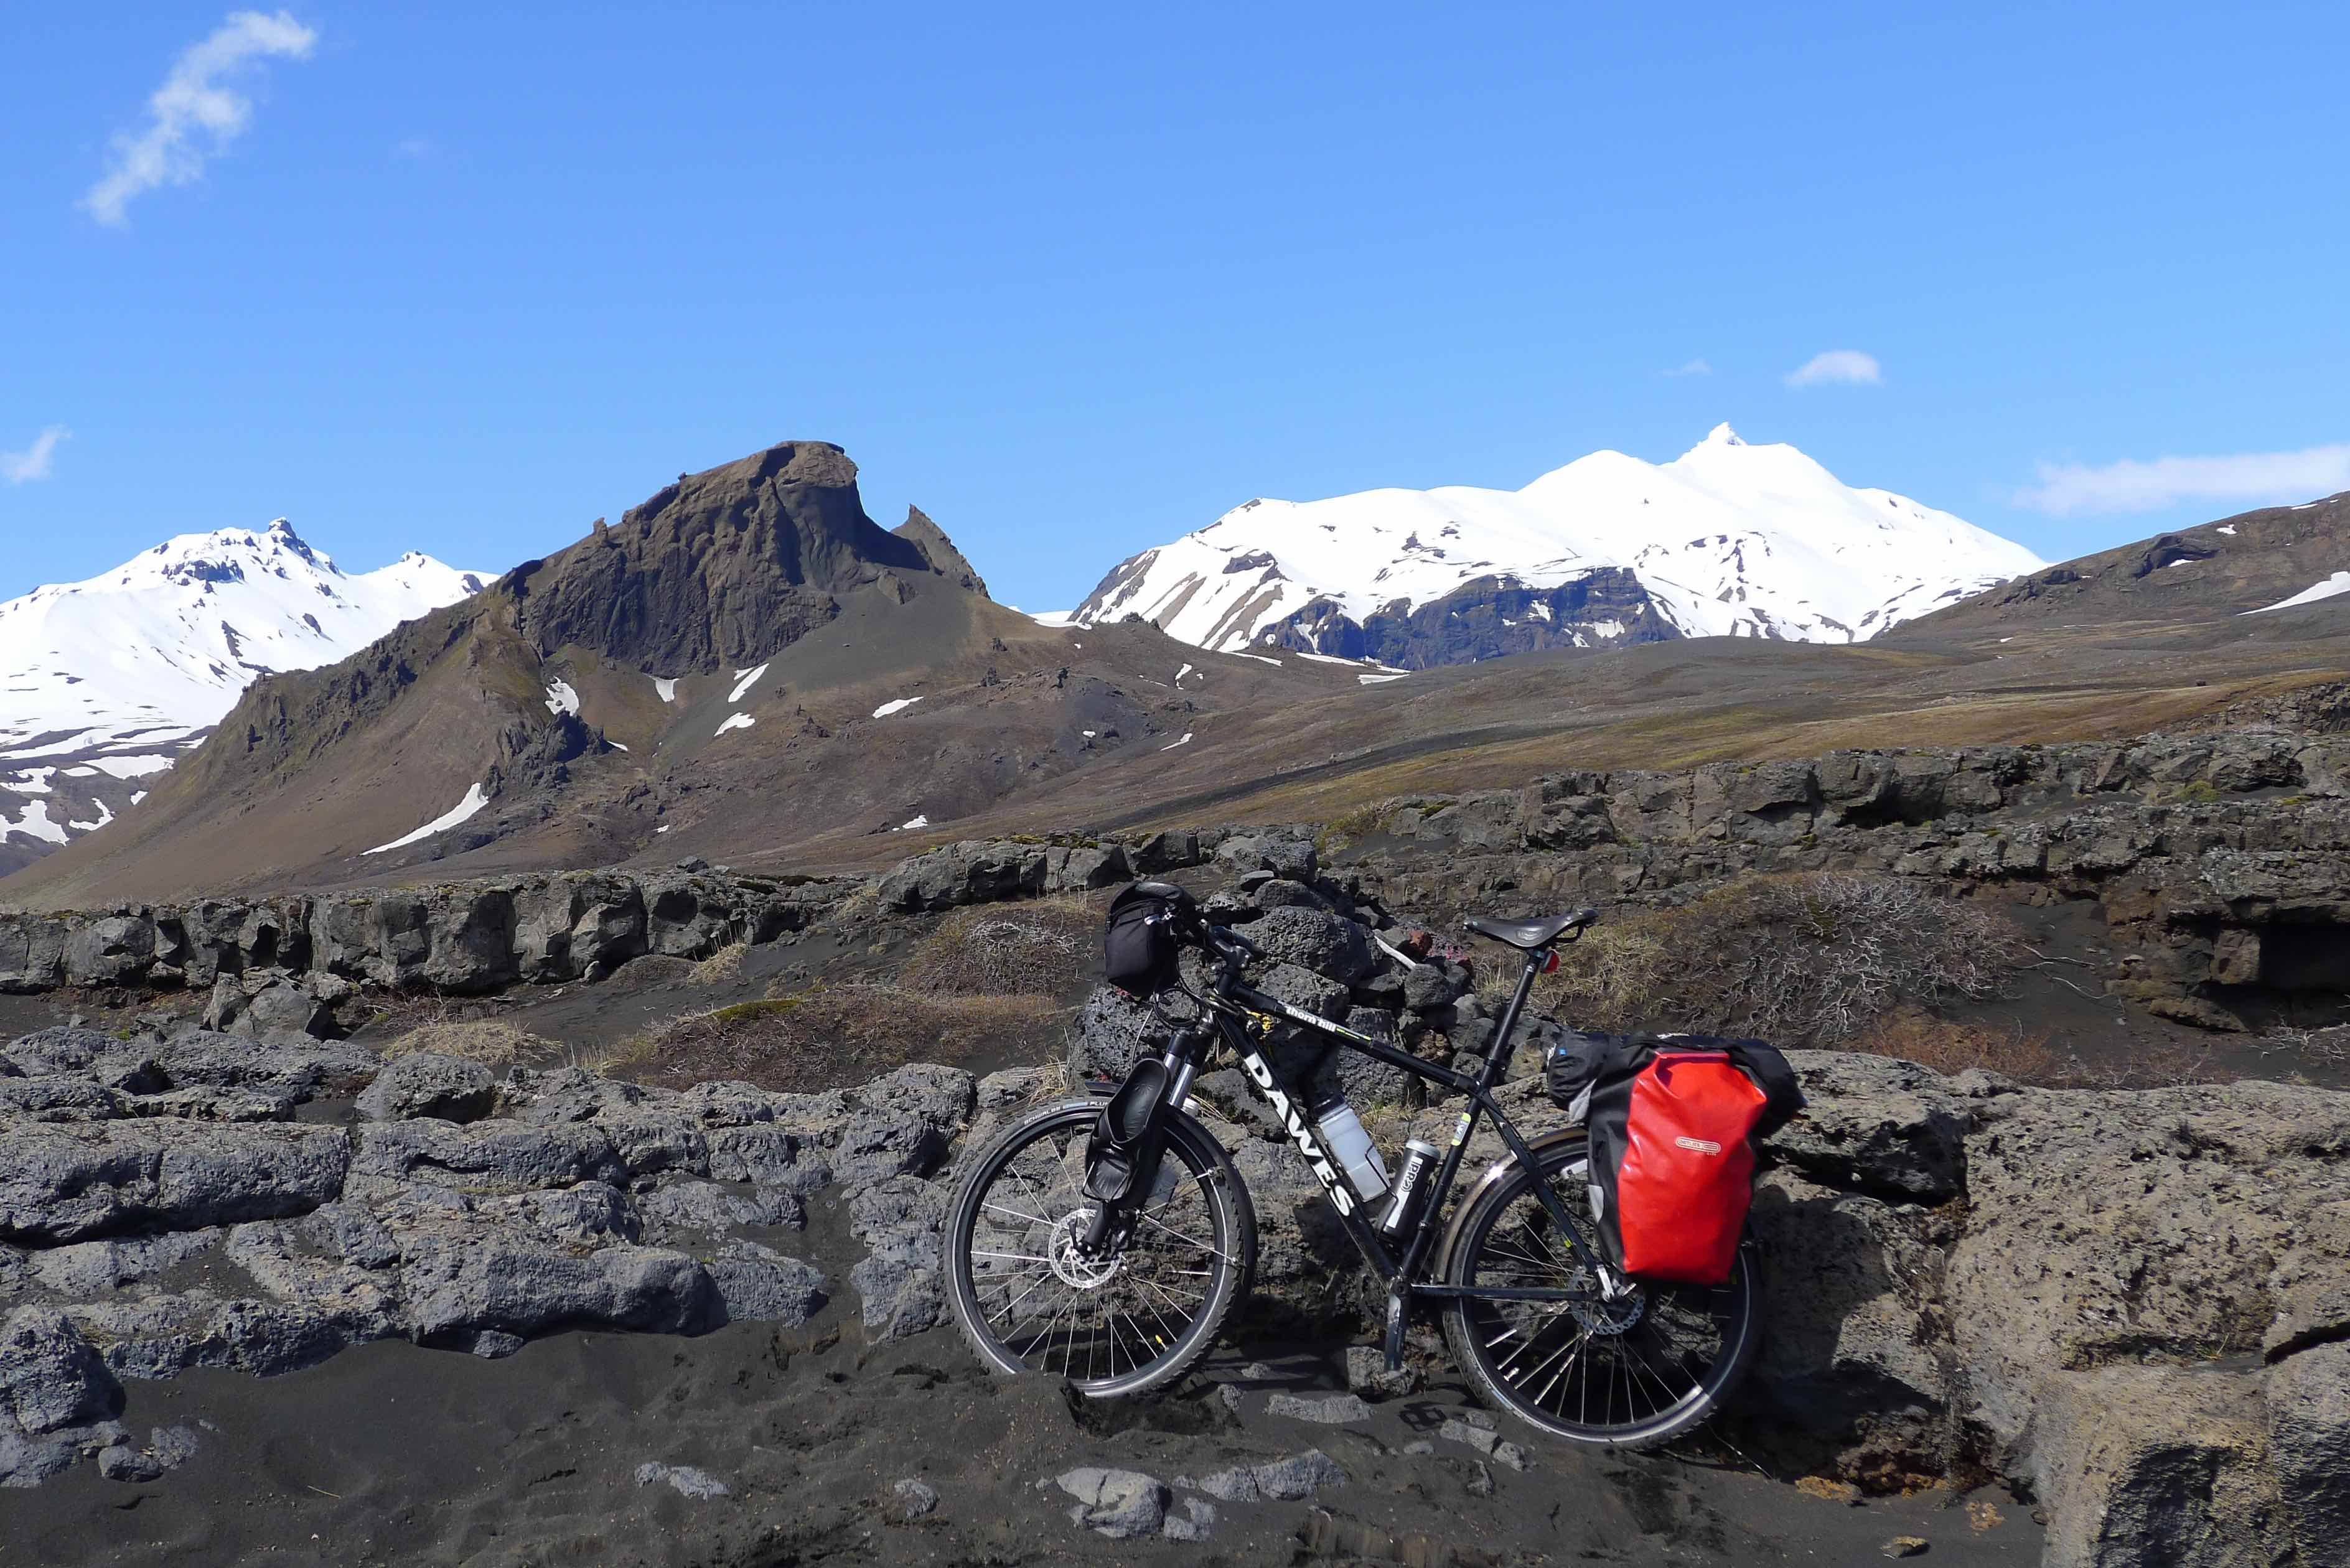 Biking the Laugavegur Trail